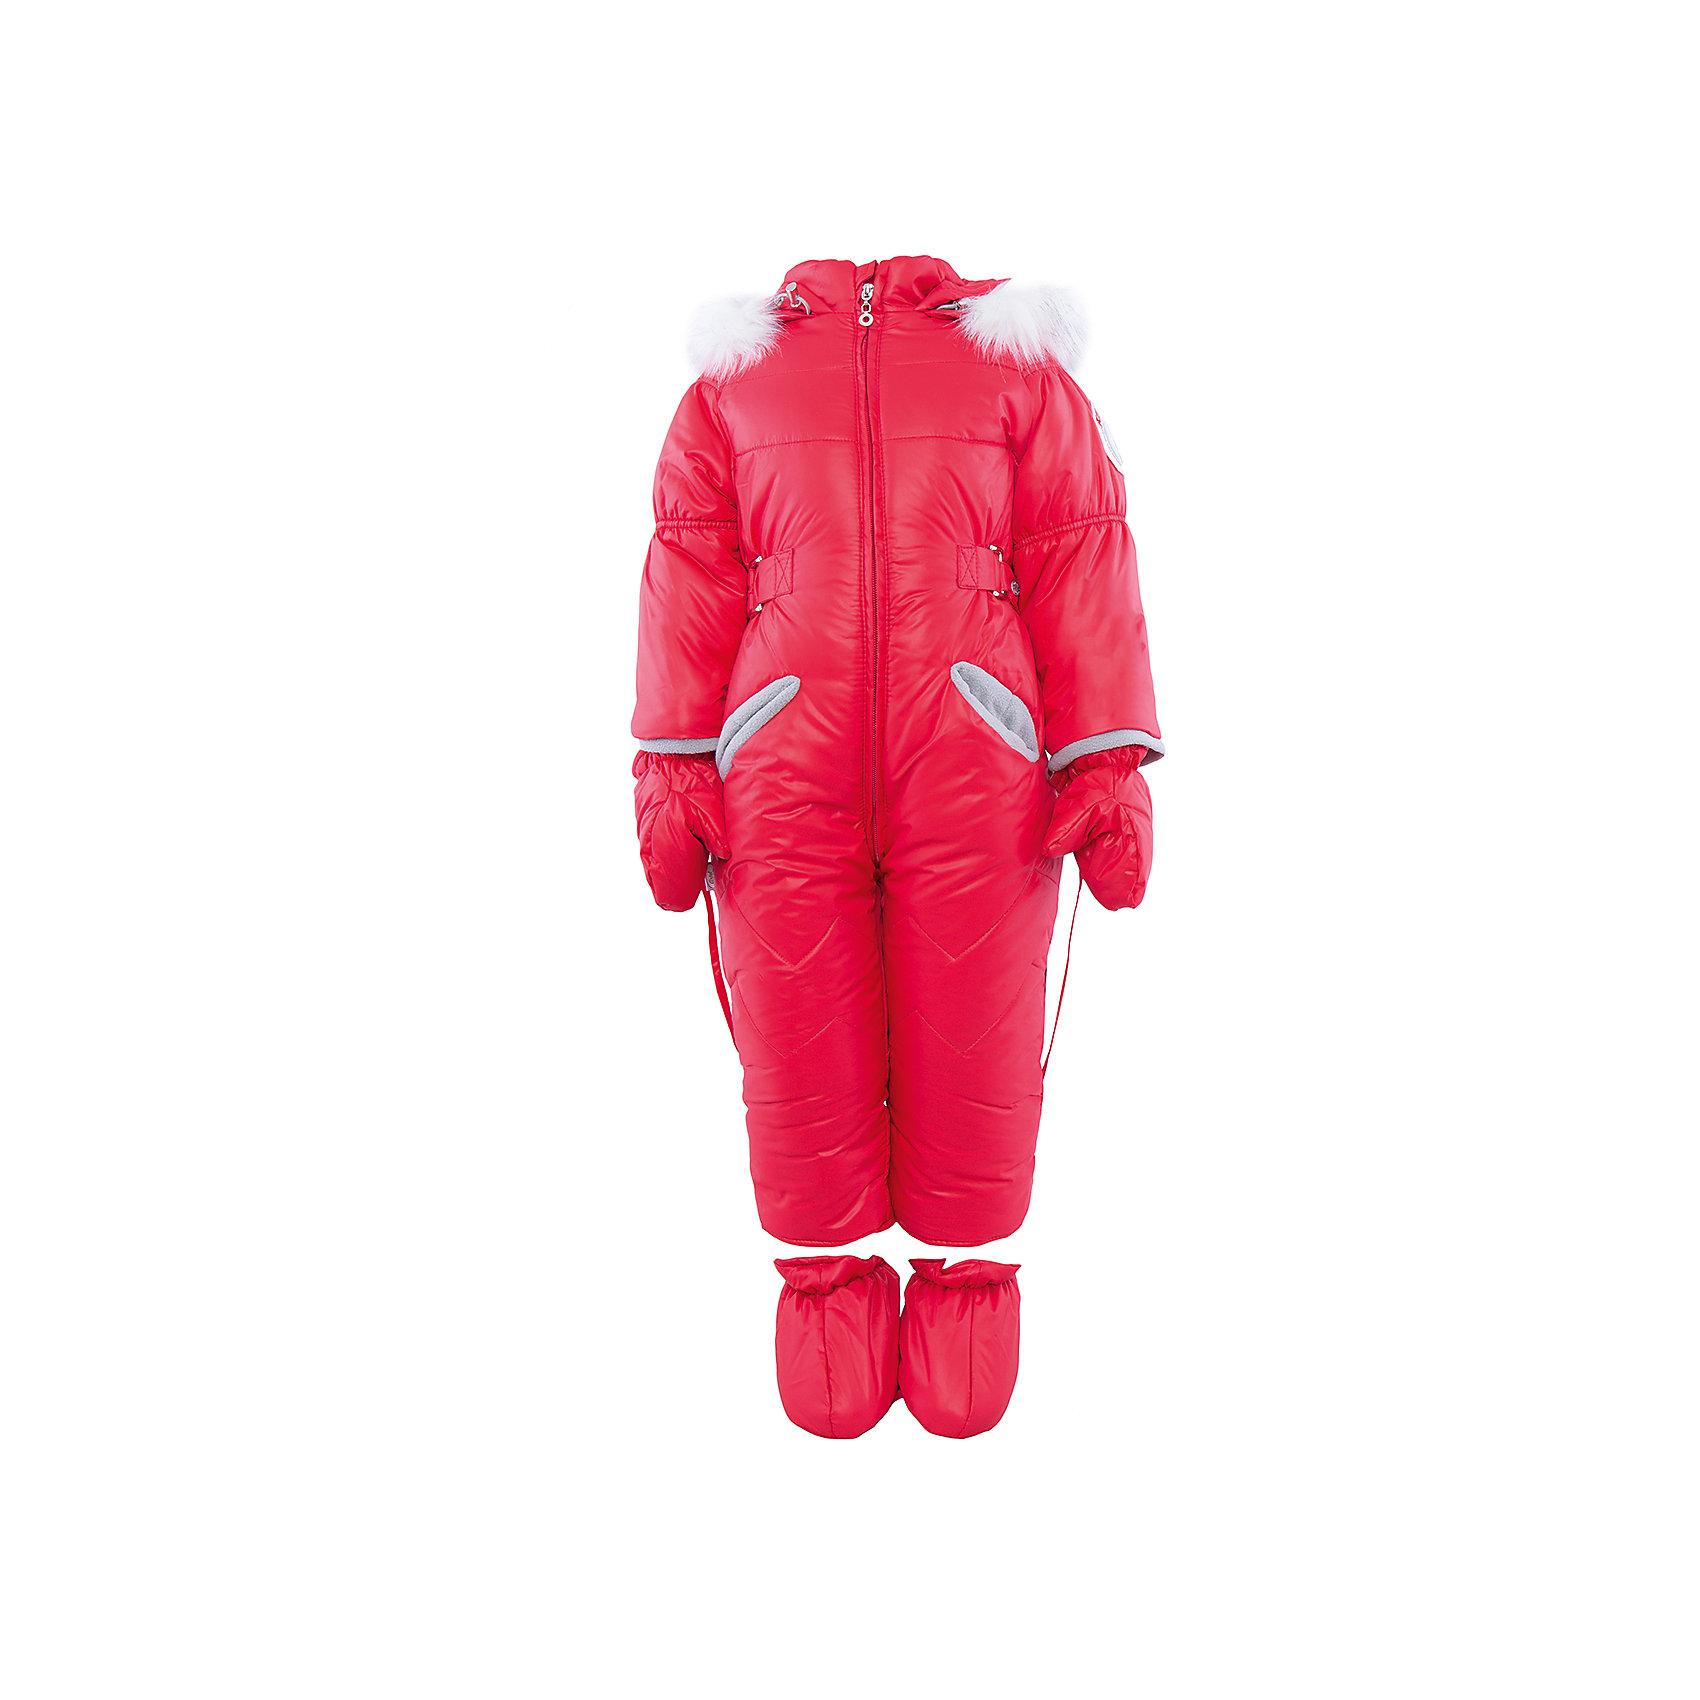 Комбинезон на овчине АртельВерхняя одежда<br>Комбинезон от известного бренда Артель<br>Модель этого теплого комбинезона комплектуется пинетками и варежками. Отворотные манжеты на рукавах и ножках позволяют регулировать длину. Подкладка комбинезона выполненая из вшитой овчины. На глубоком втачном капюшоне - съемный искусственный мех песца на кнопках. По линии талии объем изделия регулируется хлястиком.<br>Состав:<br>Верх: YSD 819<br>Подкладка: овчина<br>Утеплитель: термофайбер 200гр<br><br>Ширина мм: 356<br>Глубина мм: 10<br>Высота мм: 245<br>Вес г: 519<br>Цвет: красный<br>Возраст от месяцев: 12<br>Возраст до месяцев: 18<br>Пол: Женский<br>Возраст: Детский<br>Размер: 86,68,74,80<br>SKU: 4963506